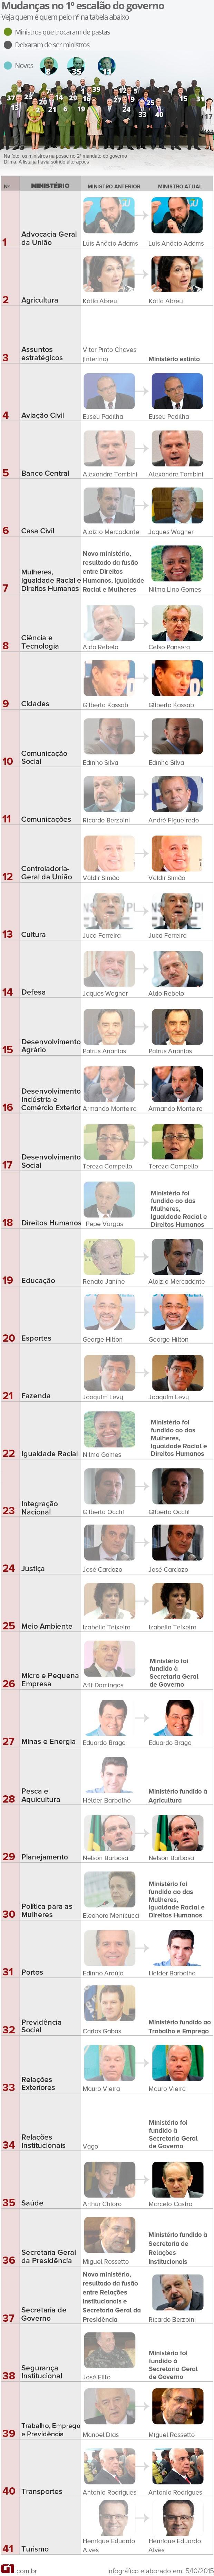 Reforma ministerial de Dilma - novos ministros do 2º mandato (arte completa) (Foto: Arte/G1)